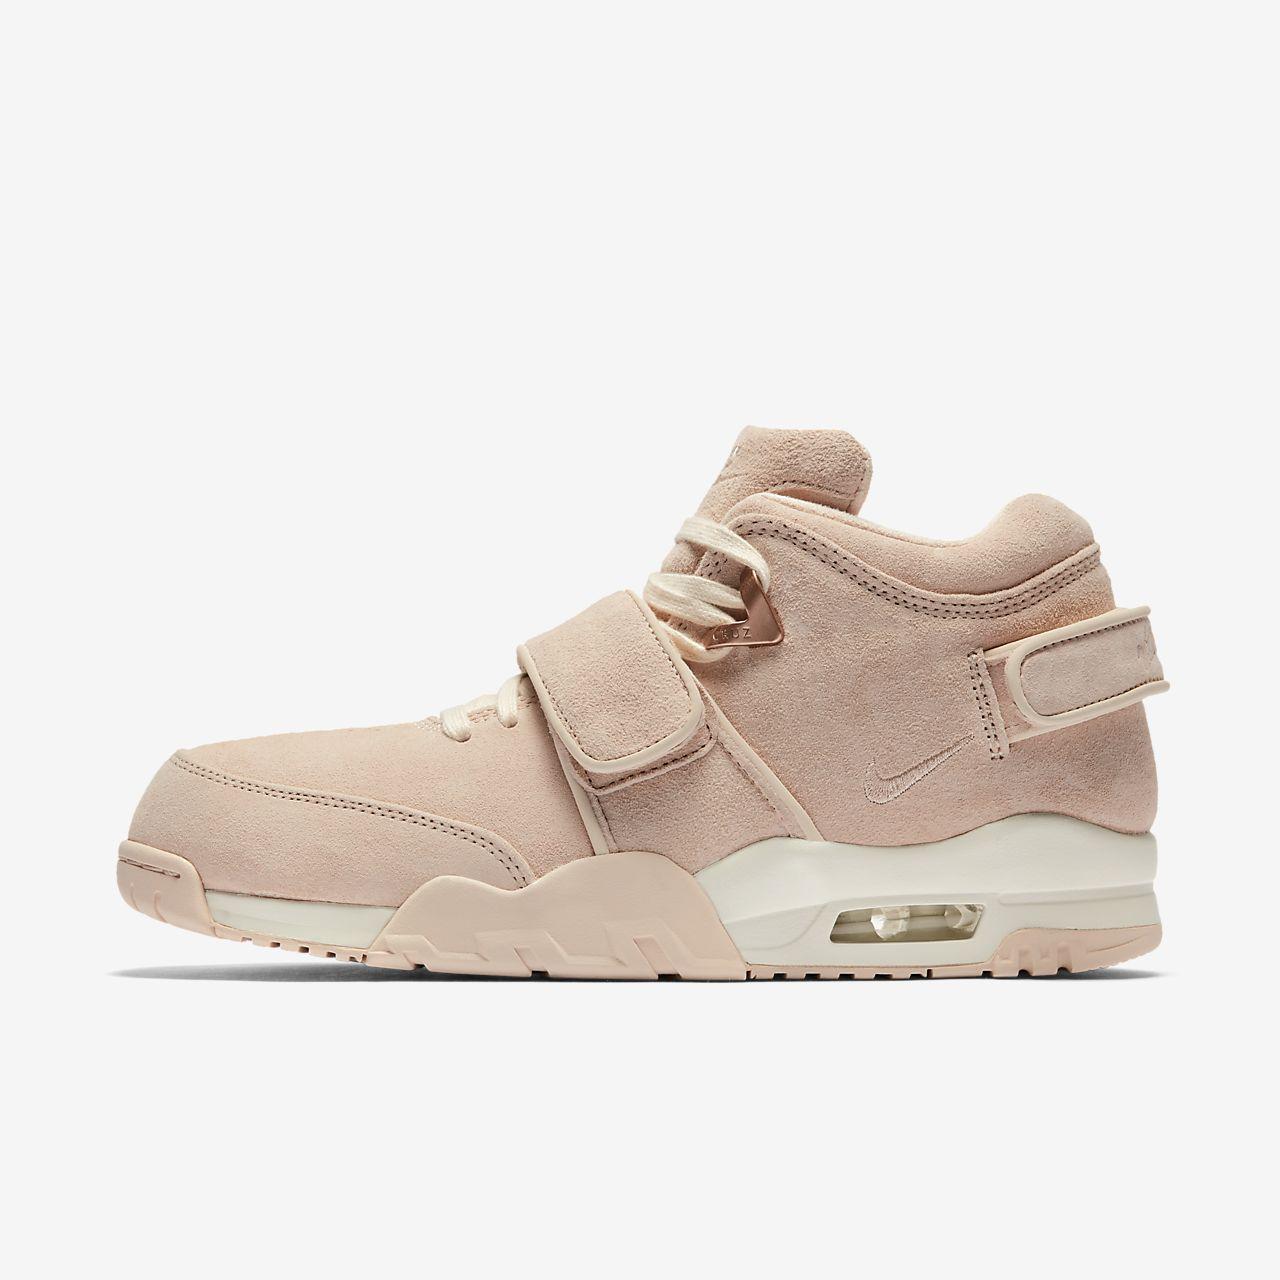 mieux aimé 3ec76 73b28 Chaussure Nike Air Trainer QS (Victor Cruz) pour Homme